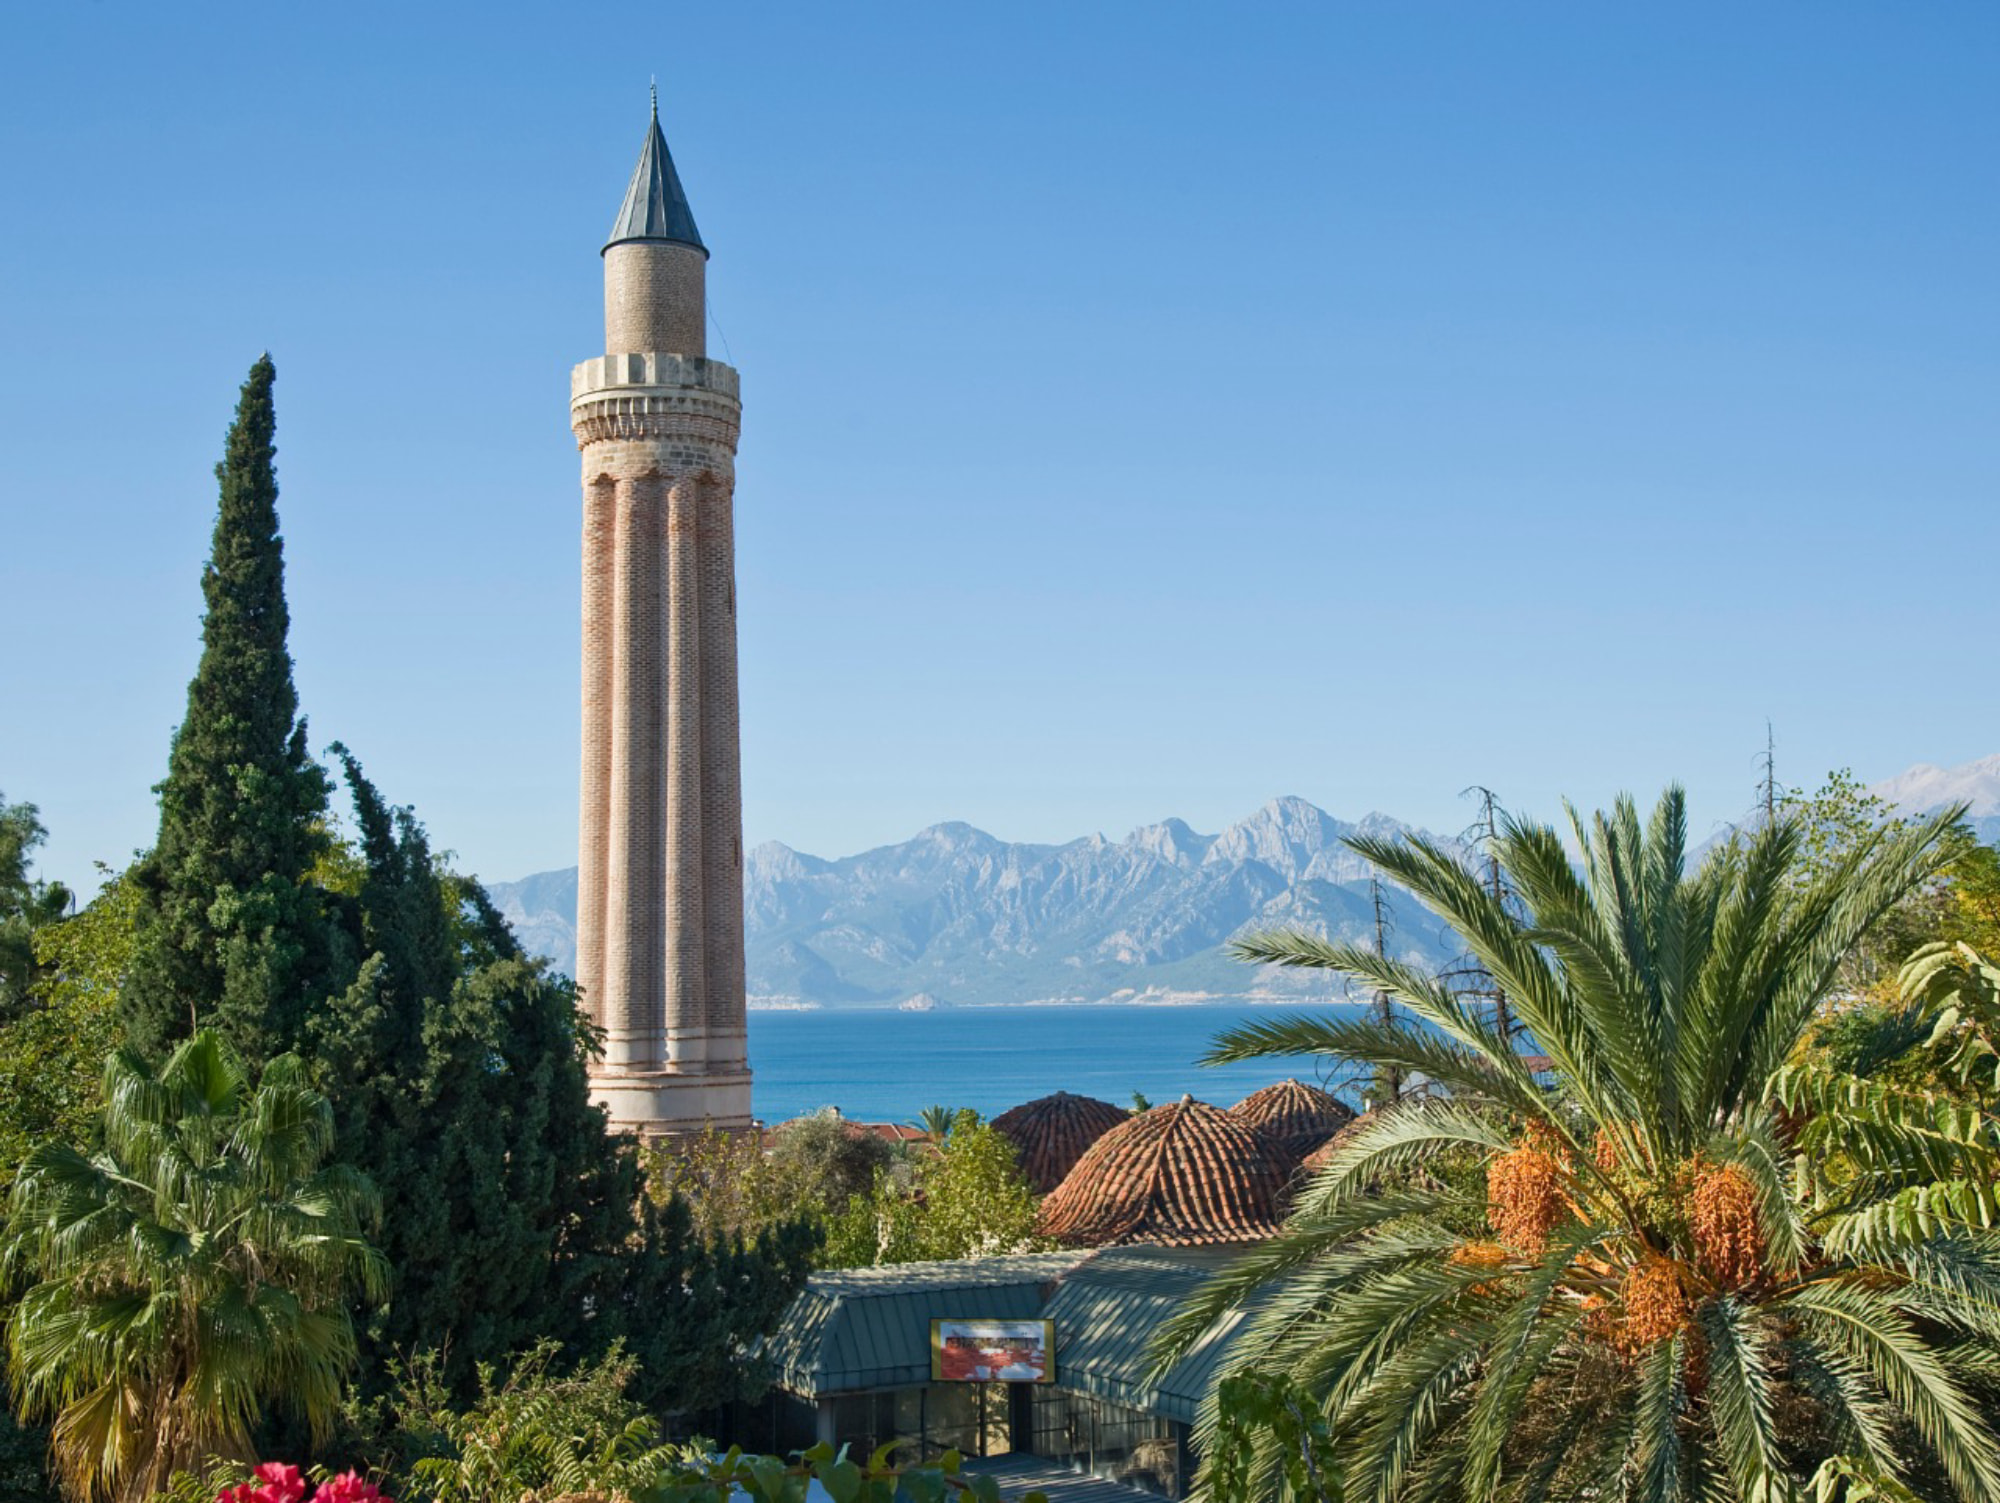 Getting to Antalya, Turkey